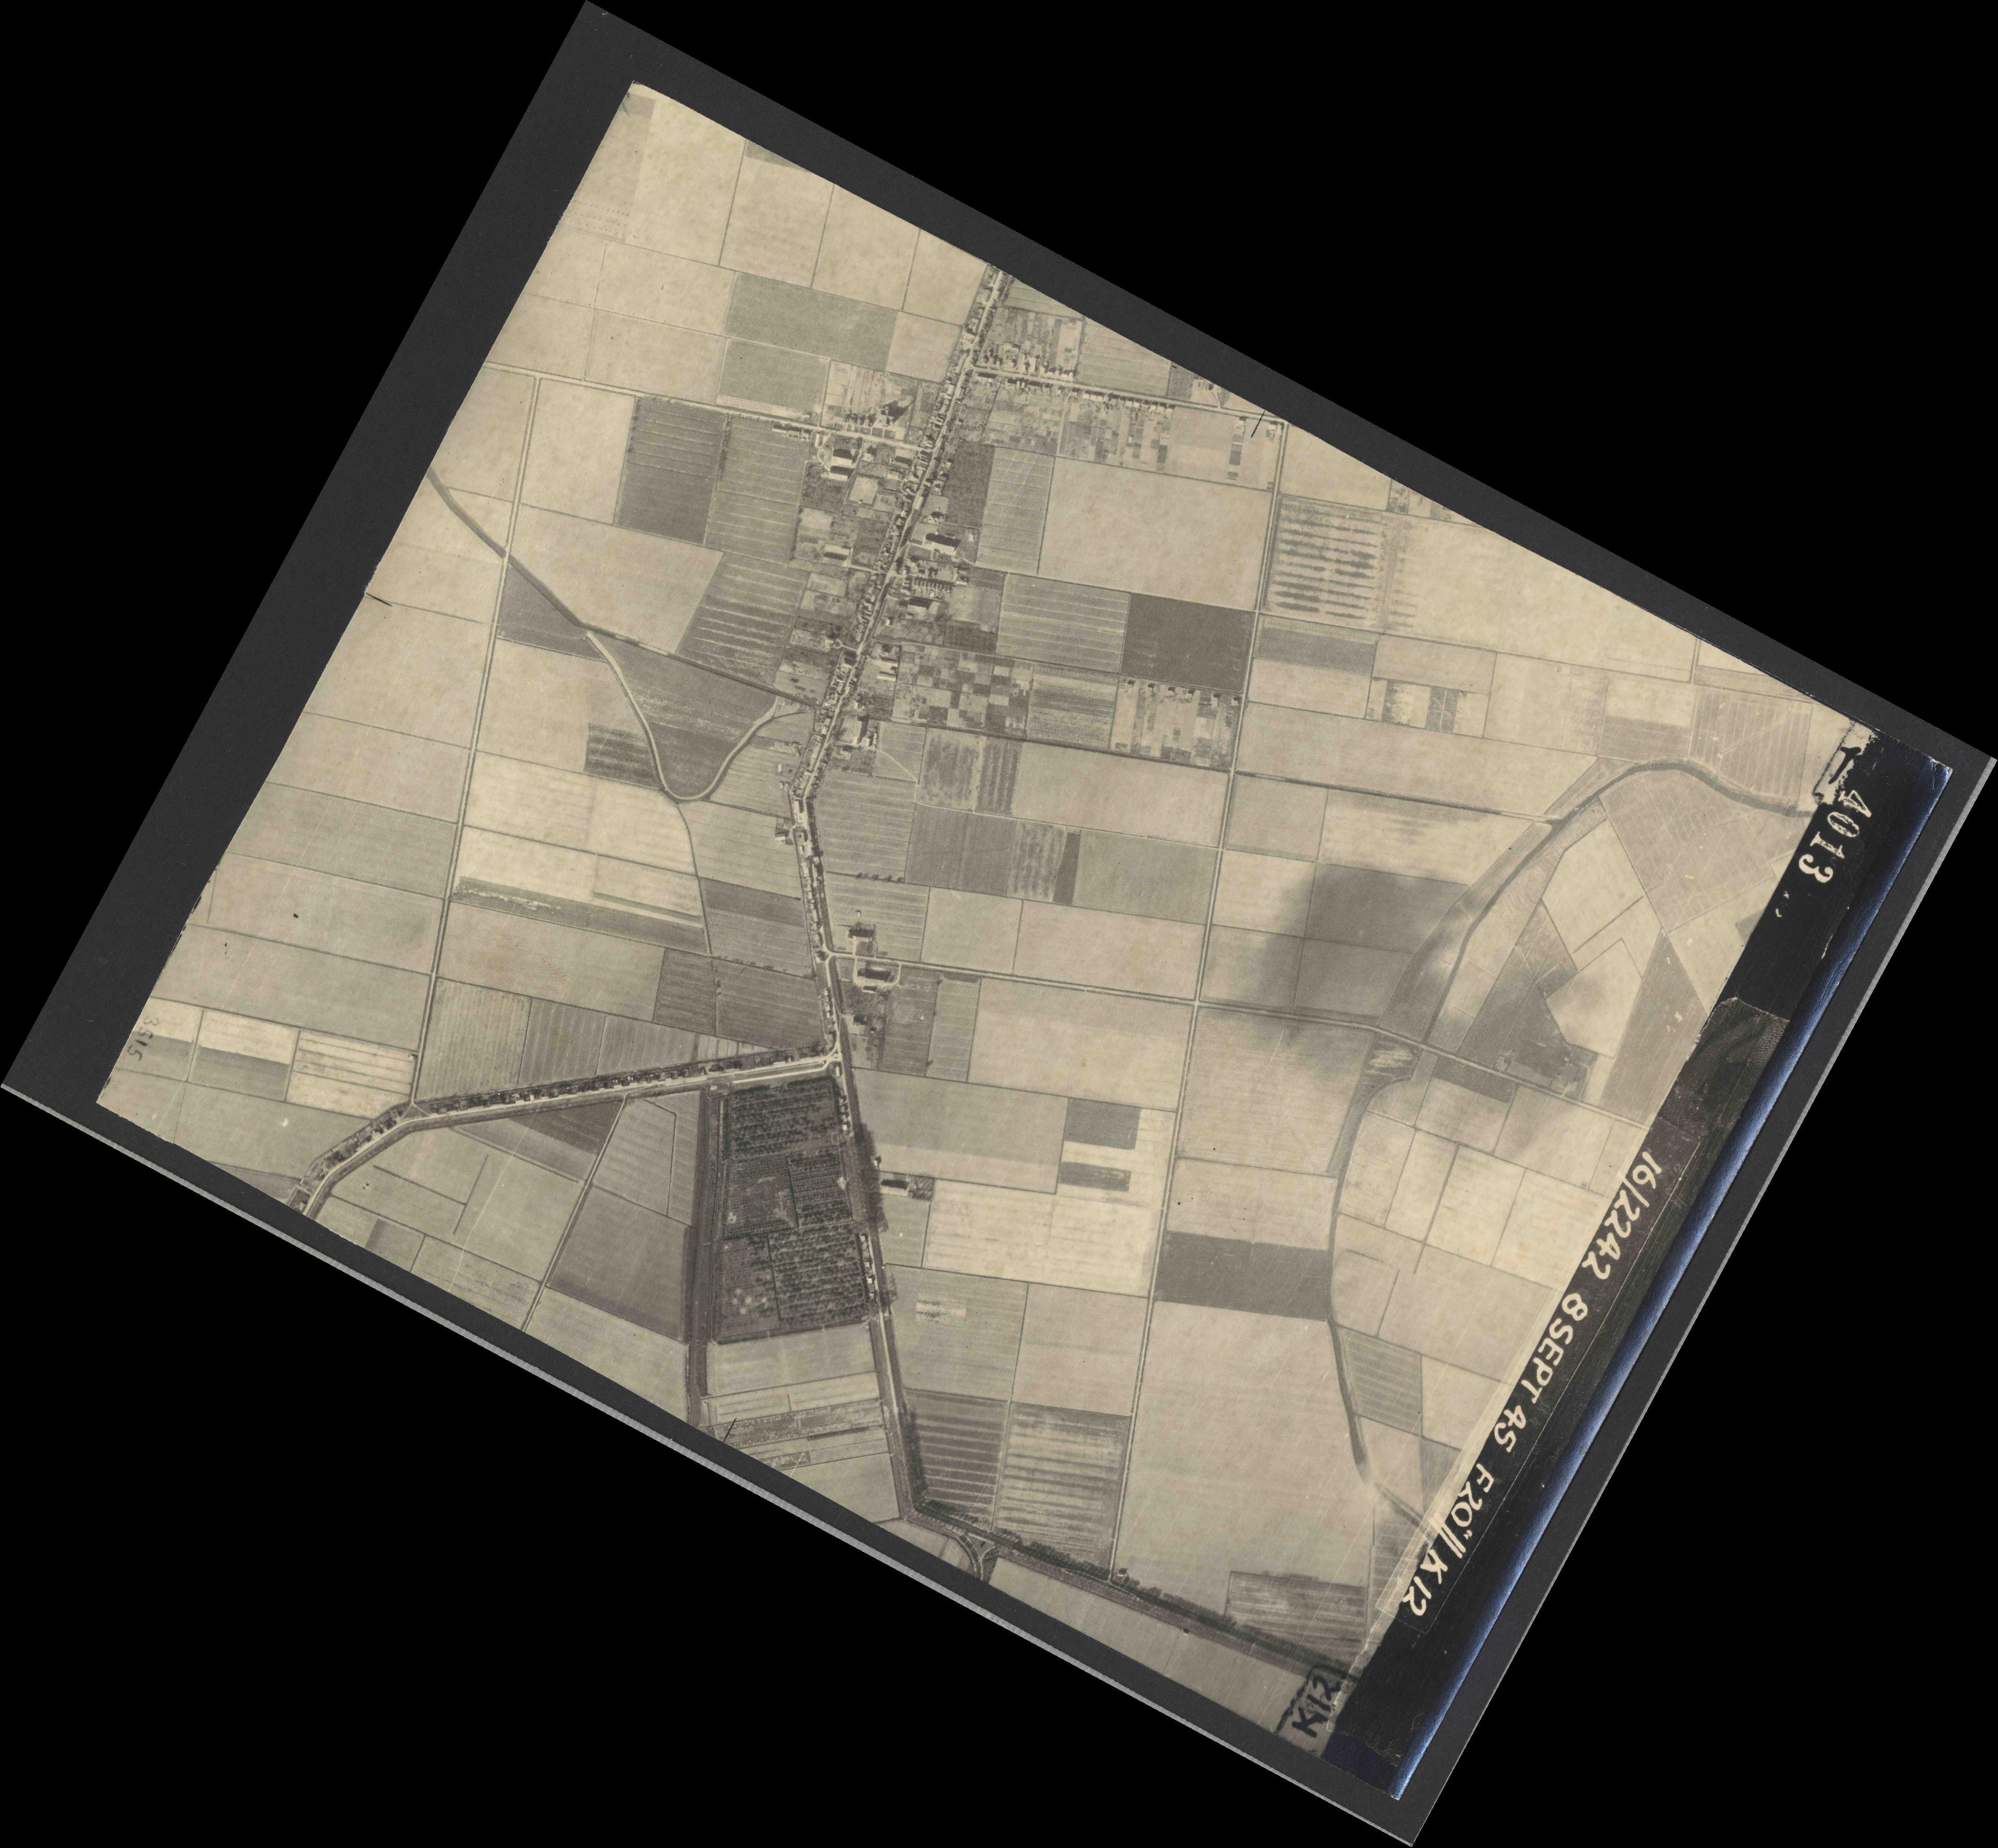 Collection RAF aerial photos 1940-1945 - flight 036, run 11, photo 4013